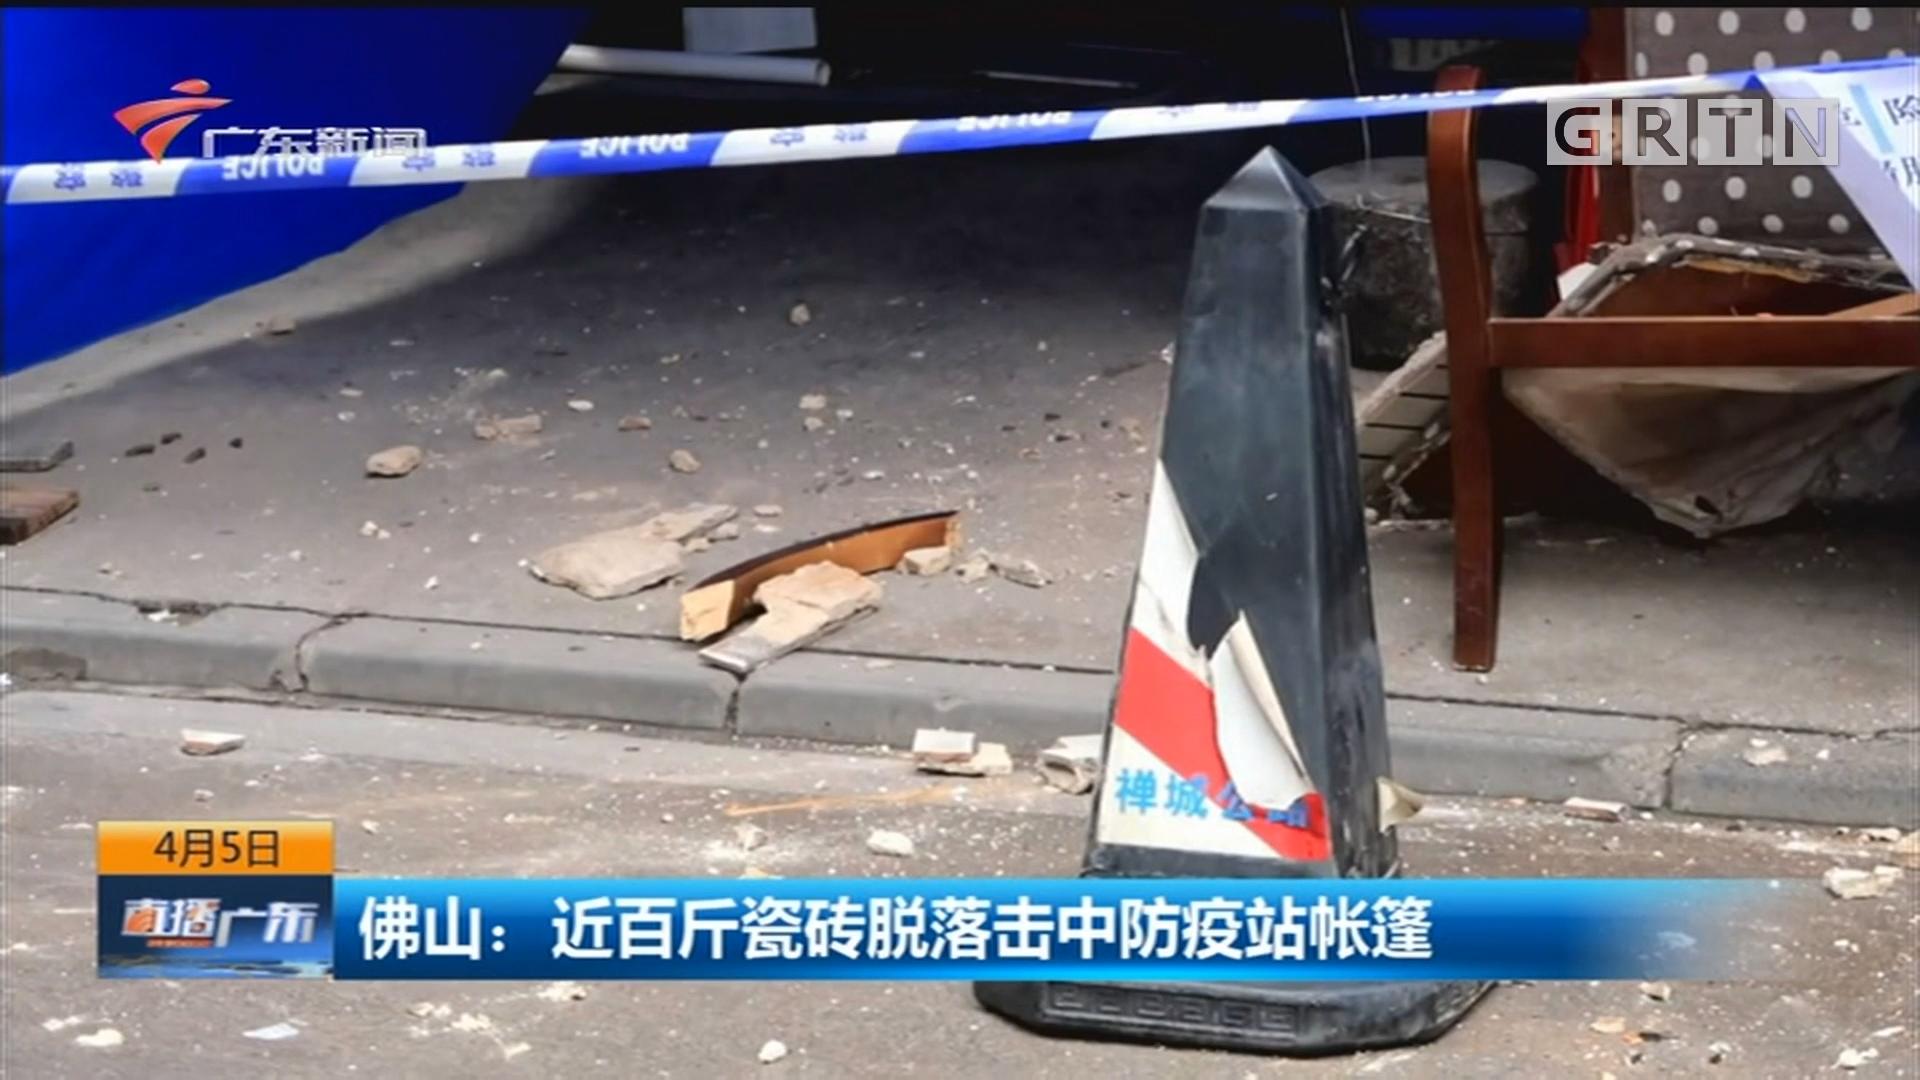 佛山:近百斤瓷砖脱落击中防疫站帐篷